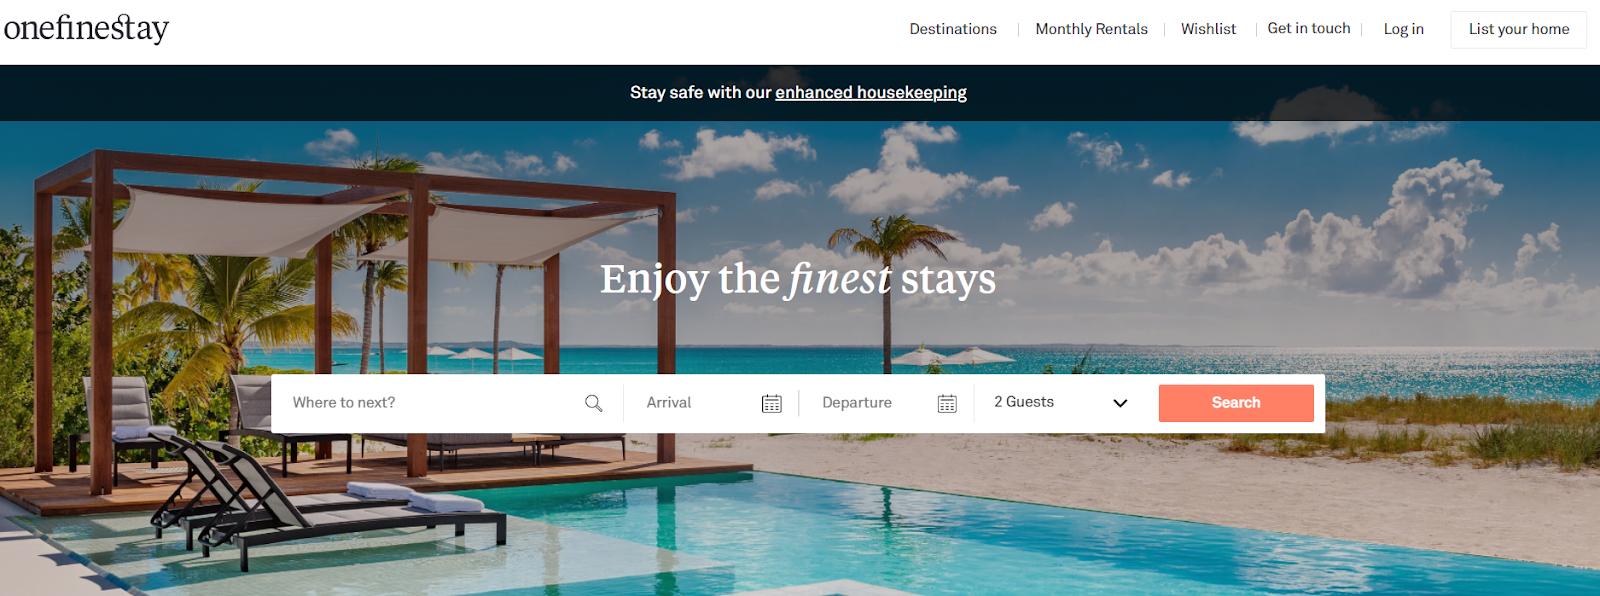 alternativas a Airbnb Onefinestay